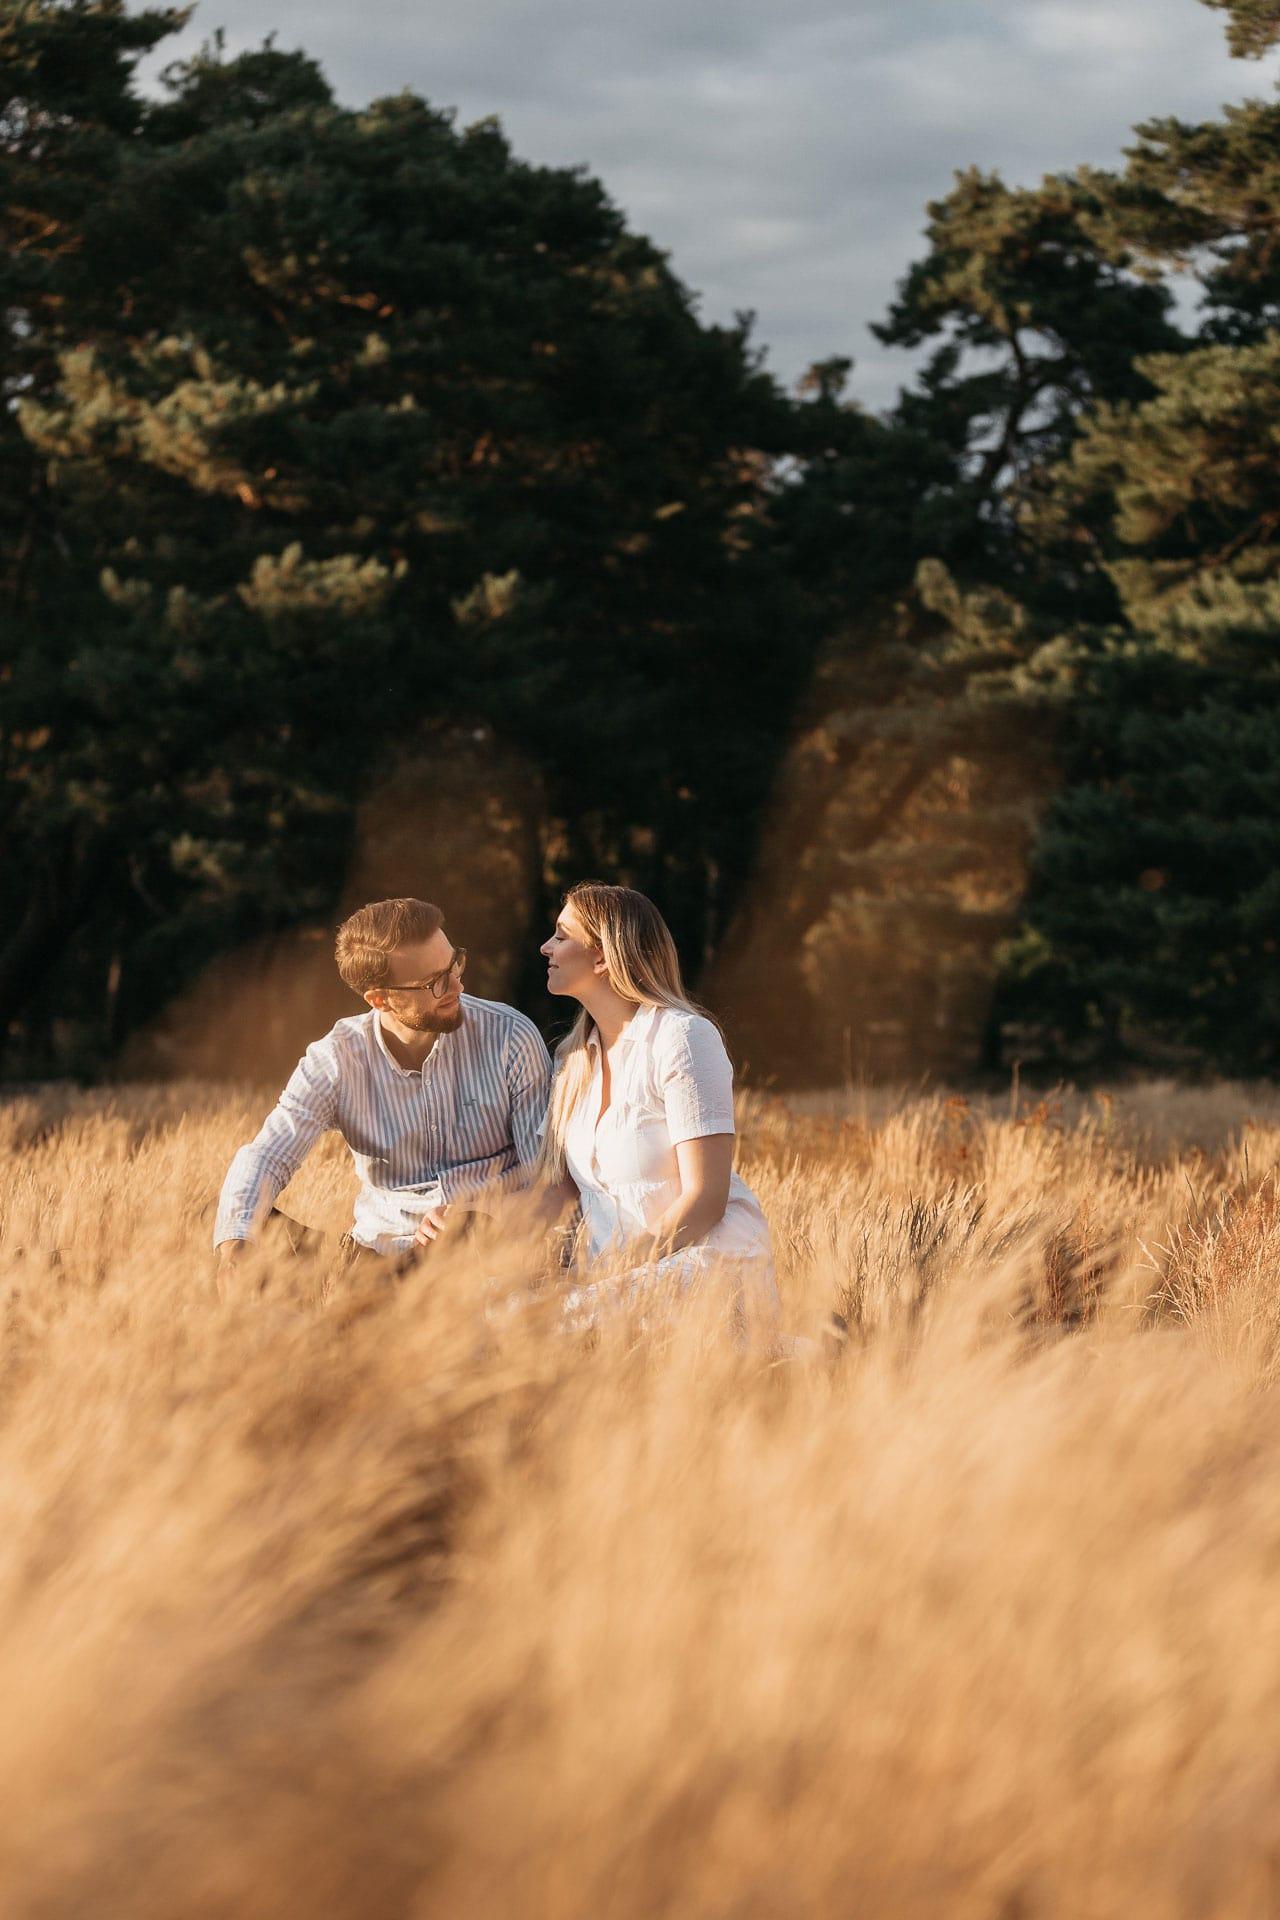 Fotoshooting mit verlobtem Pärchen auf einer Wiese